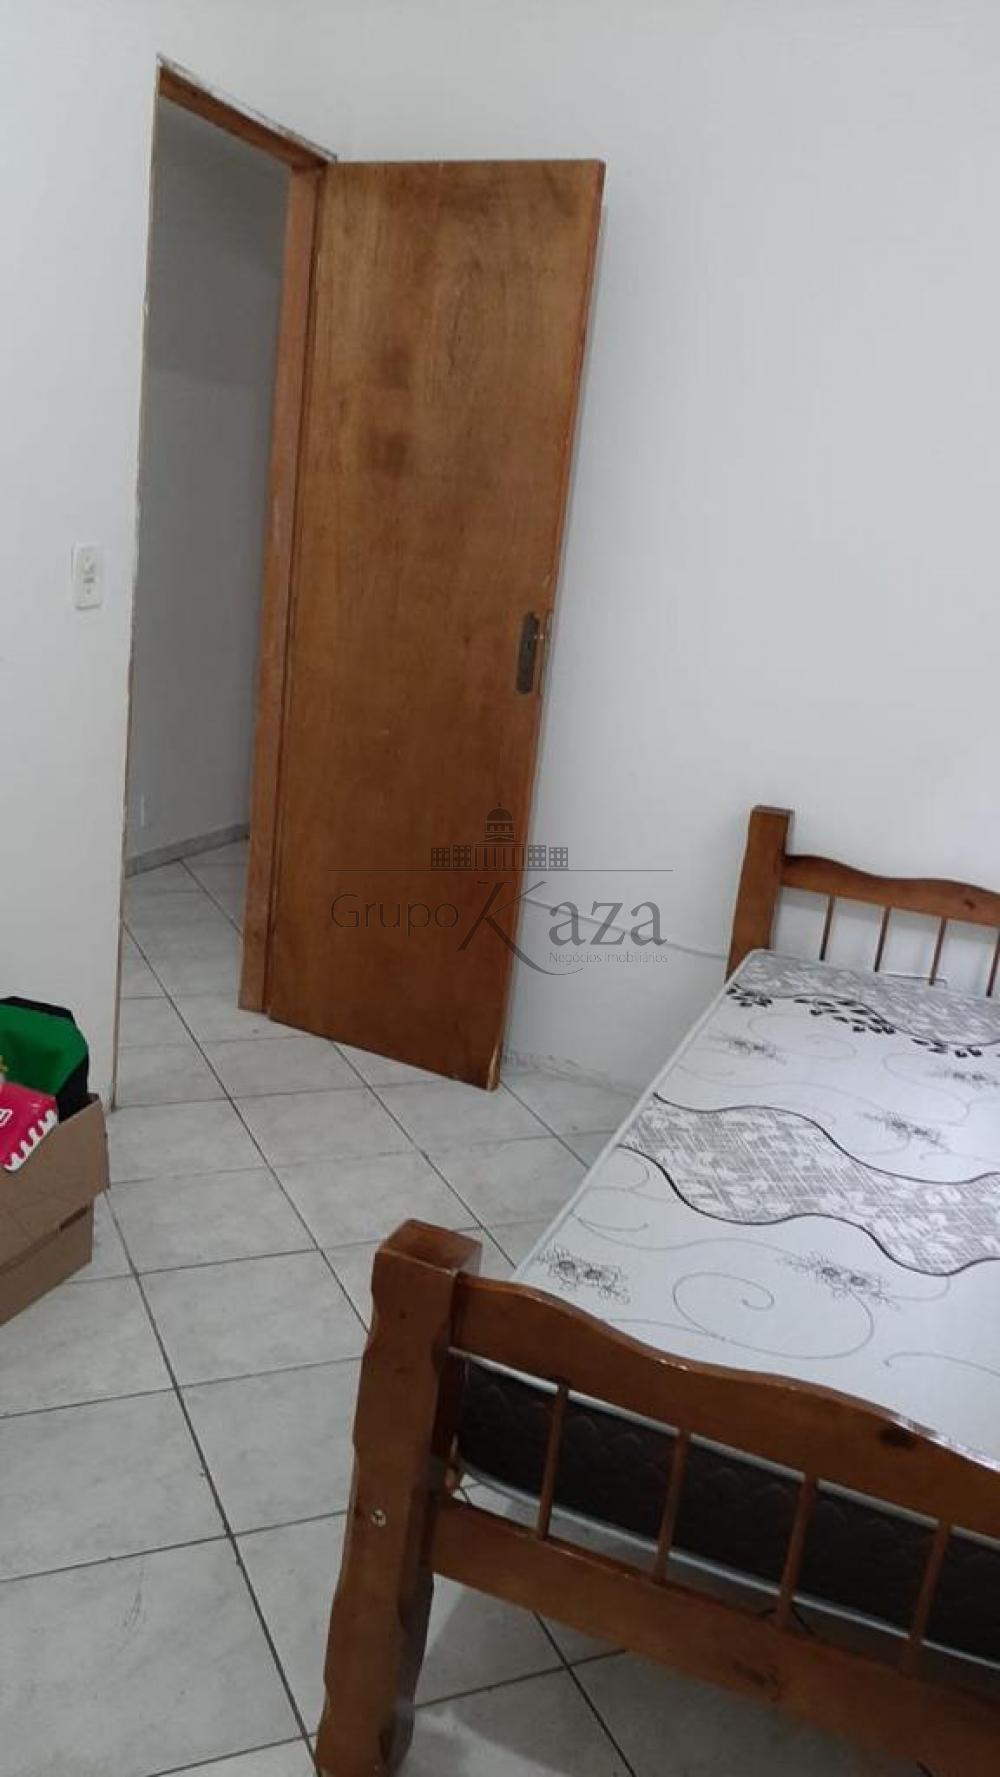 alt='Comprar Casa / Padrão em São José dos Campos R$ 320.000,00 - Foto 14' title='Comprar Casa / Padrão em São José dos Campos R$ 320.000,00 - Foto 14'